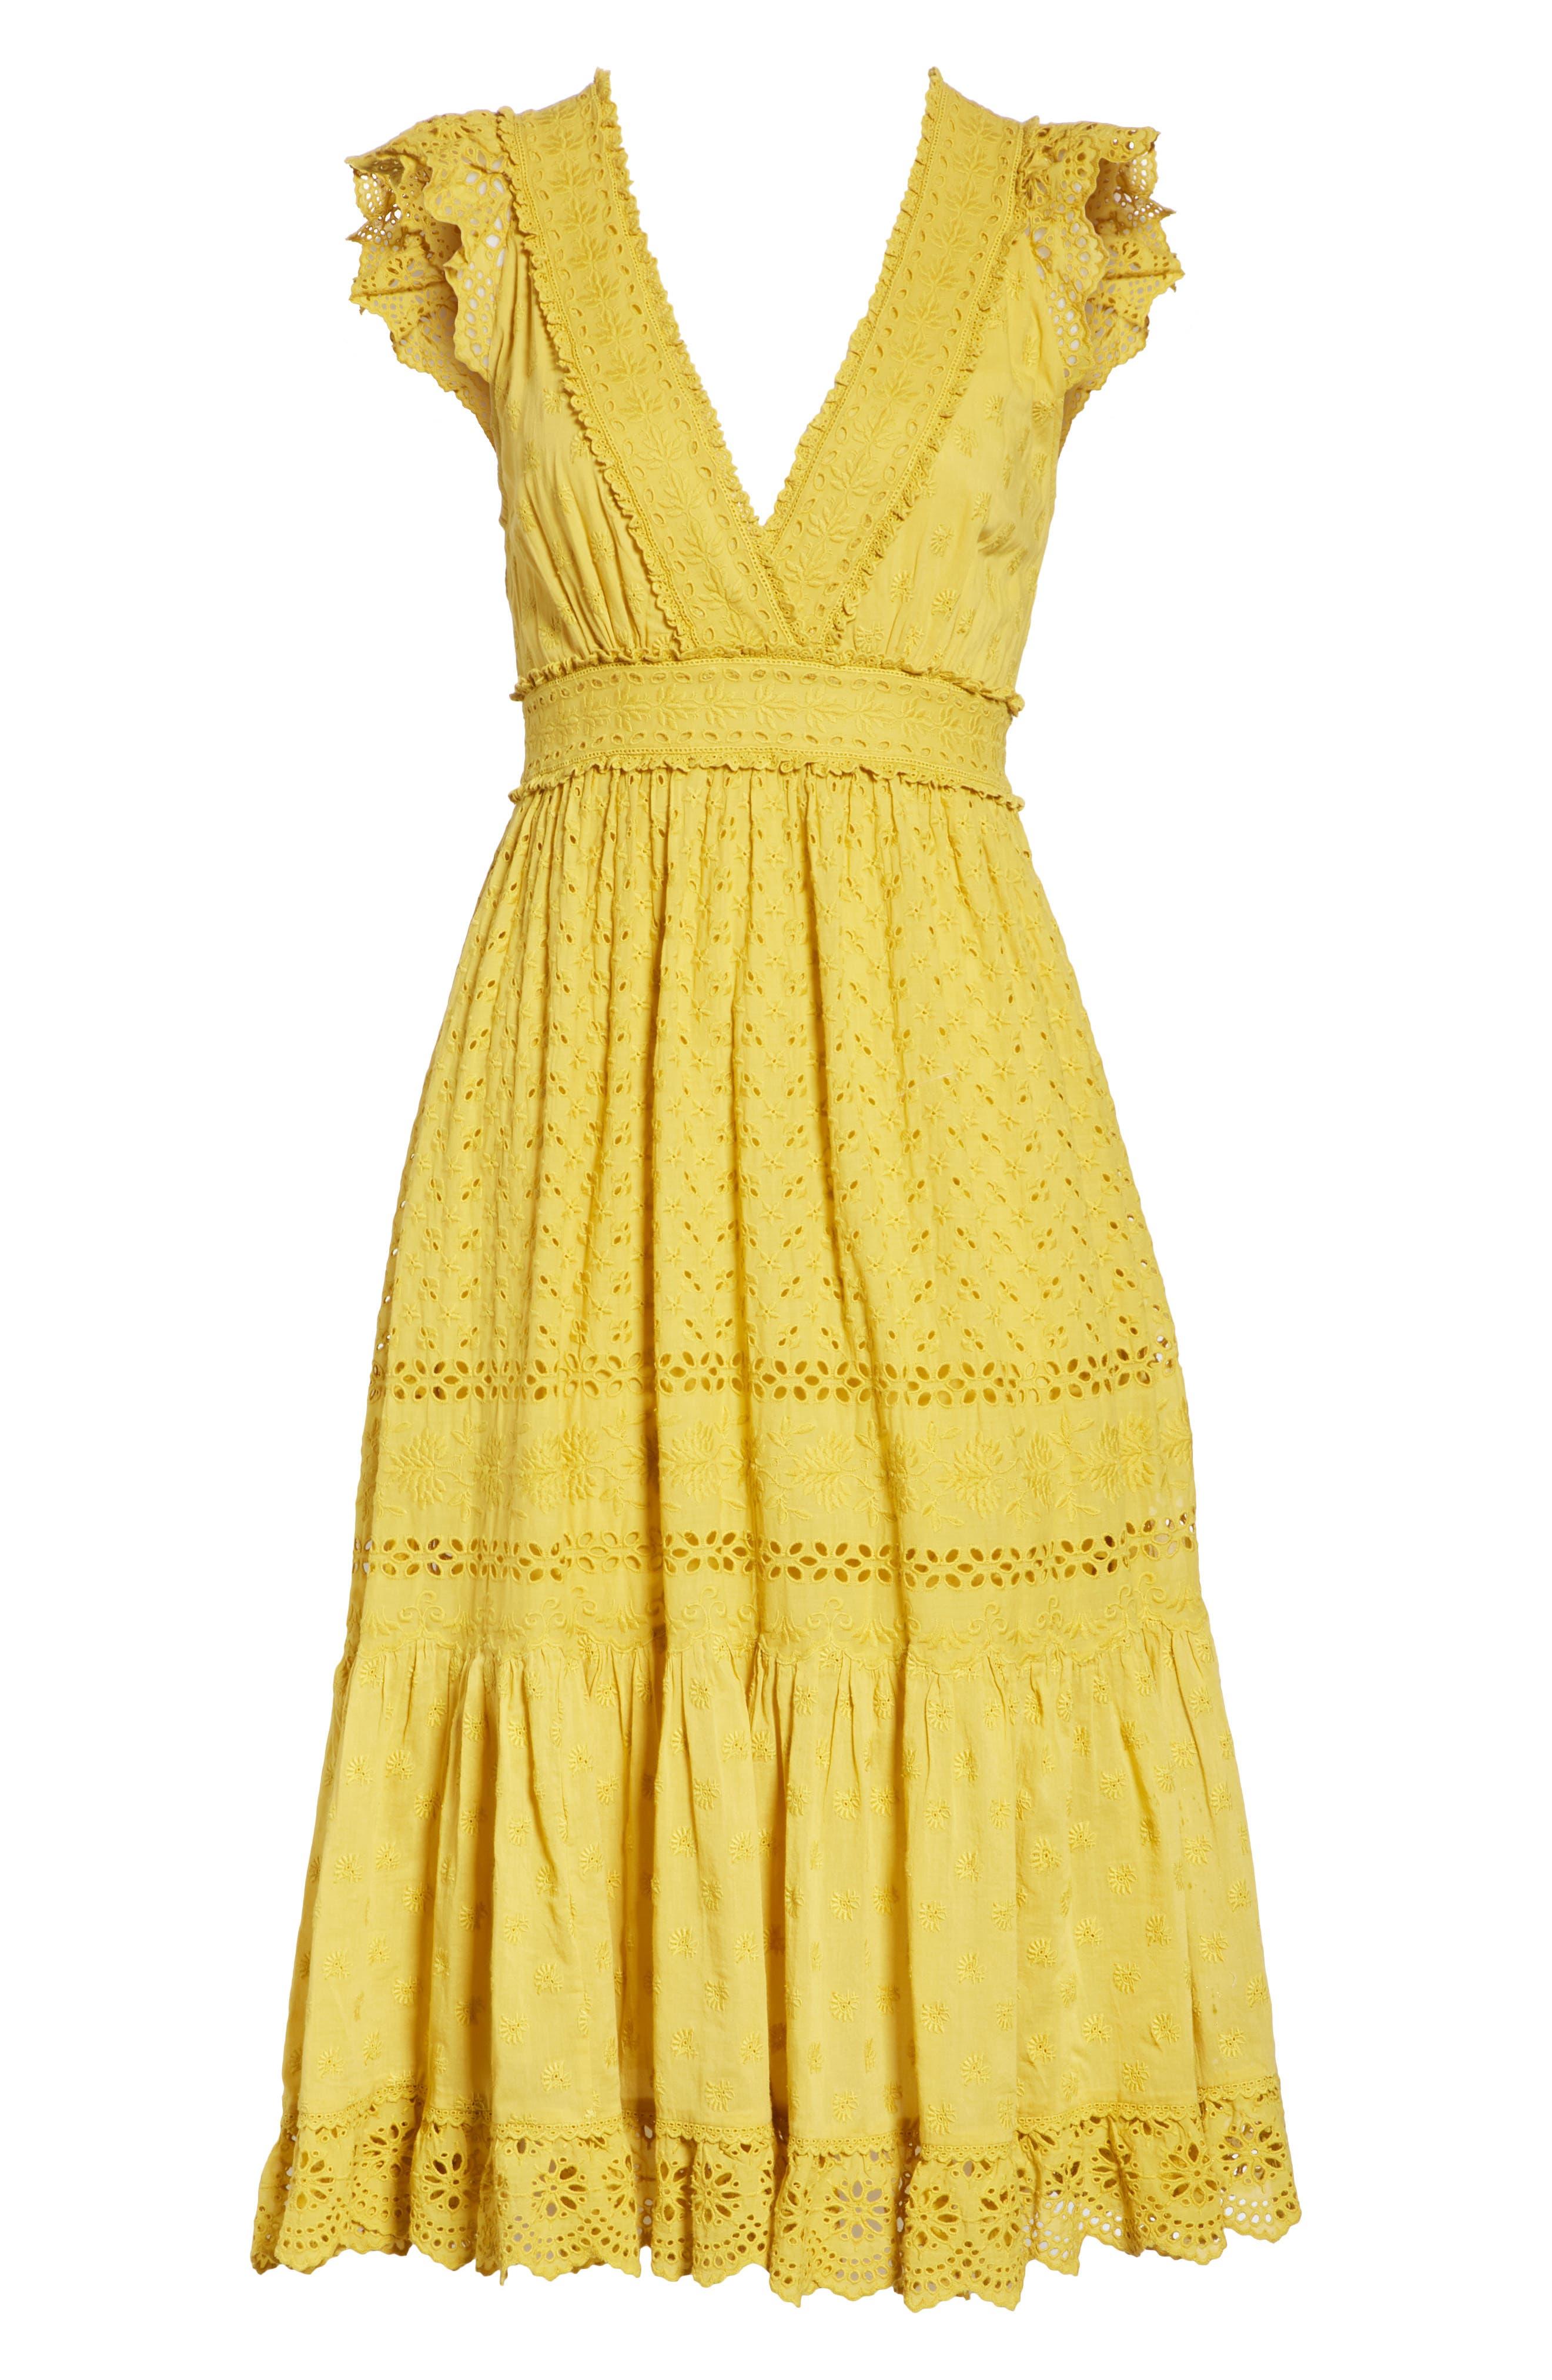 Marjorie Eyelet Dress,                             Alternate thumbnail 6, color,                             700